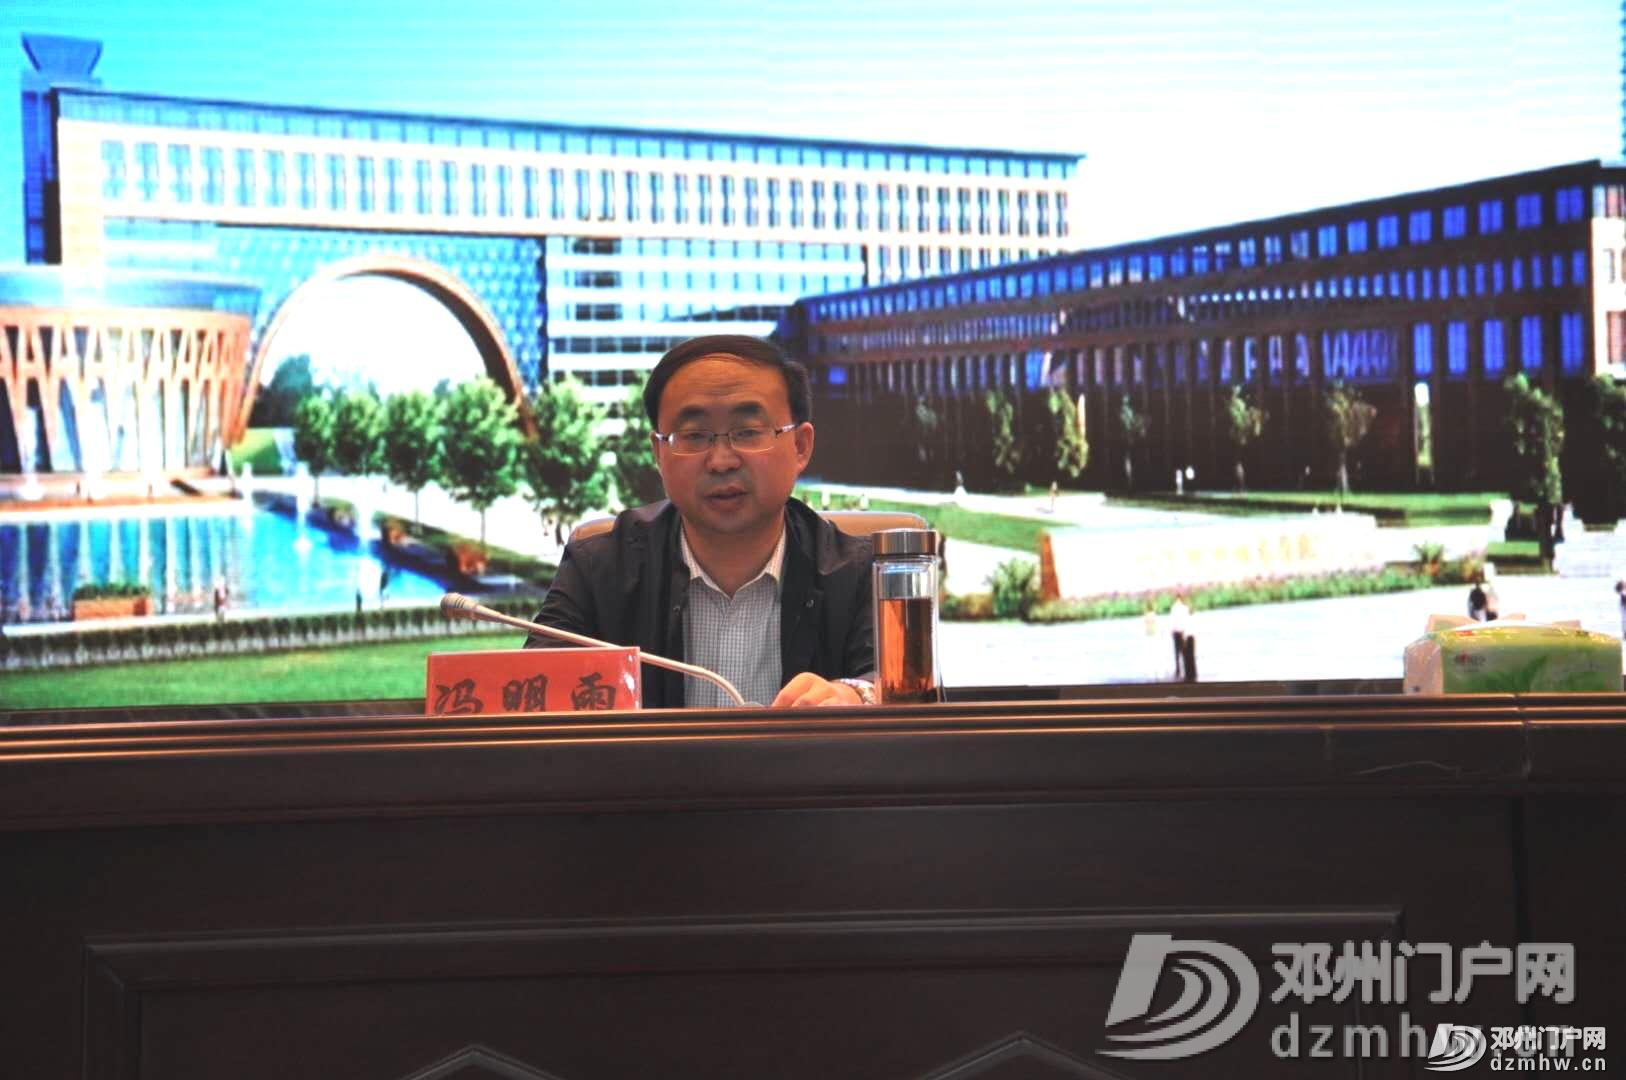 邓州市2020年暑期教师培训开班了...... - 邓州门户网|邓州网 - 60d7d18cda8b79f70d032dc0a1927083.png